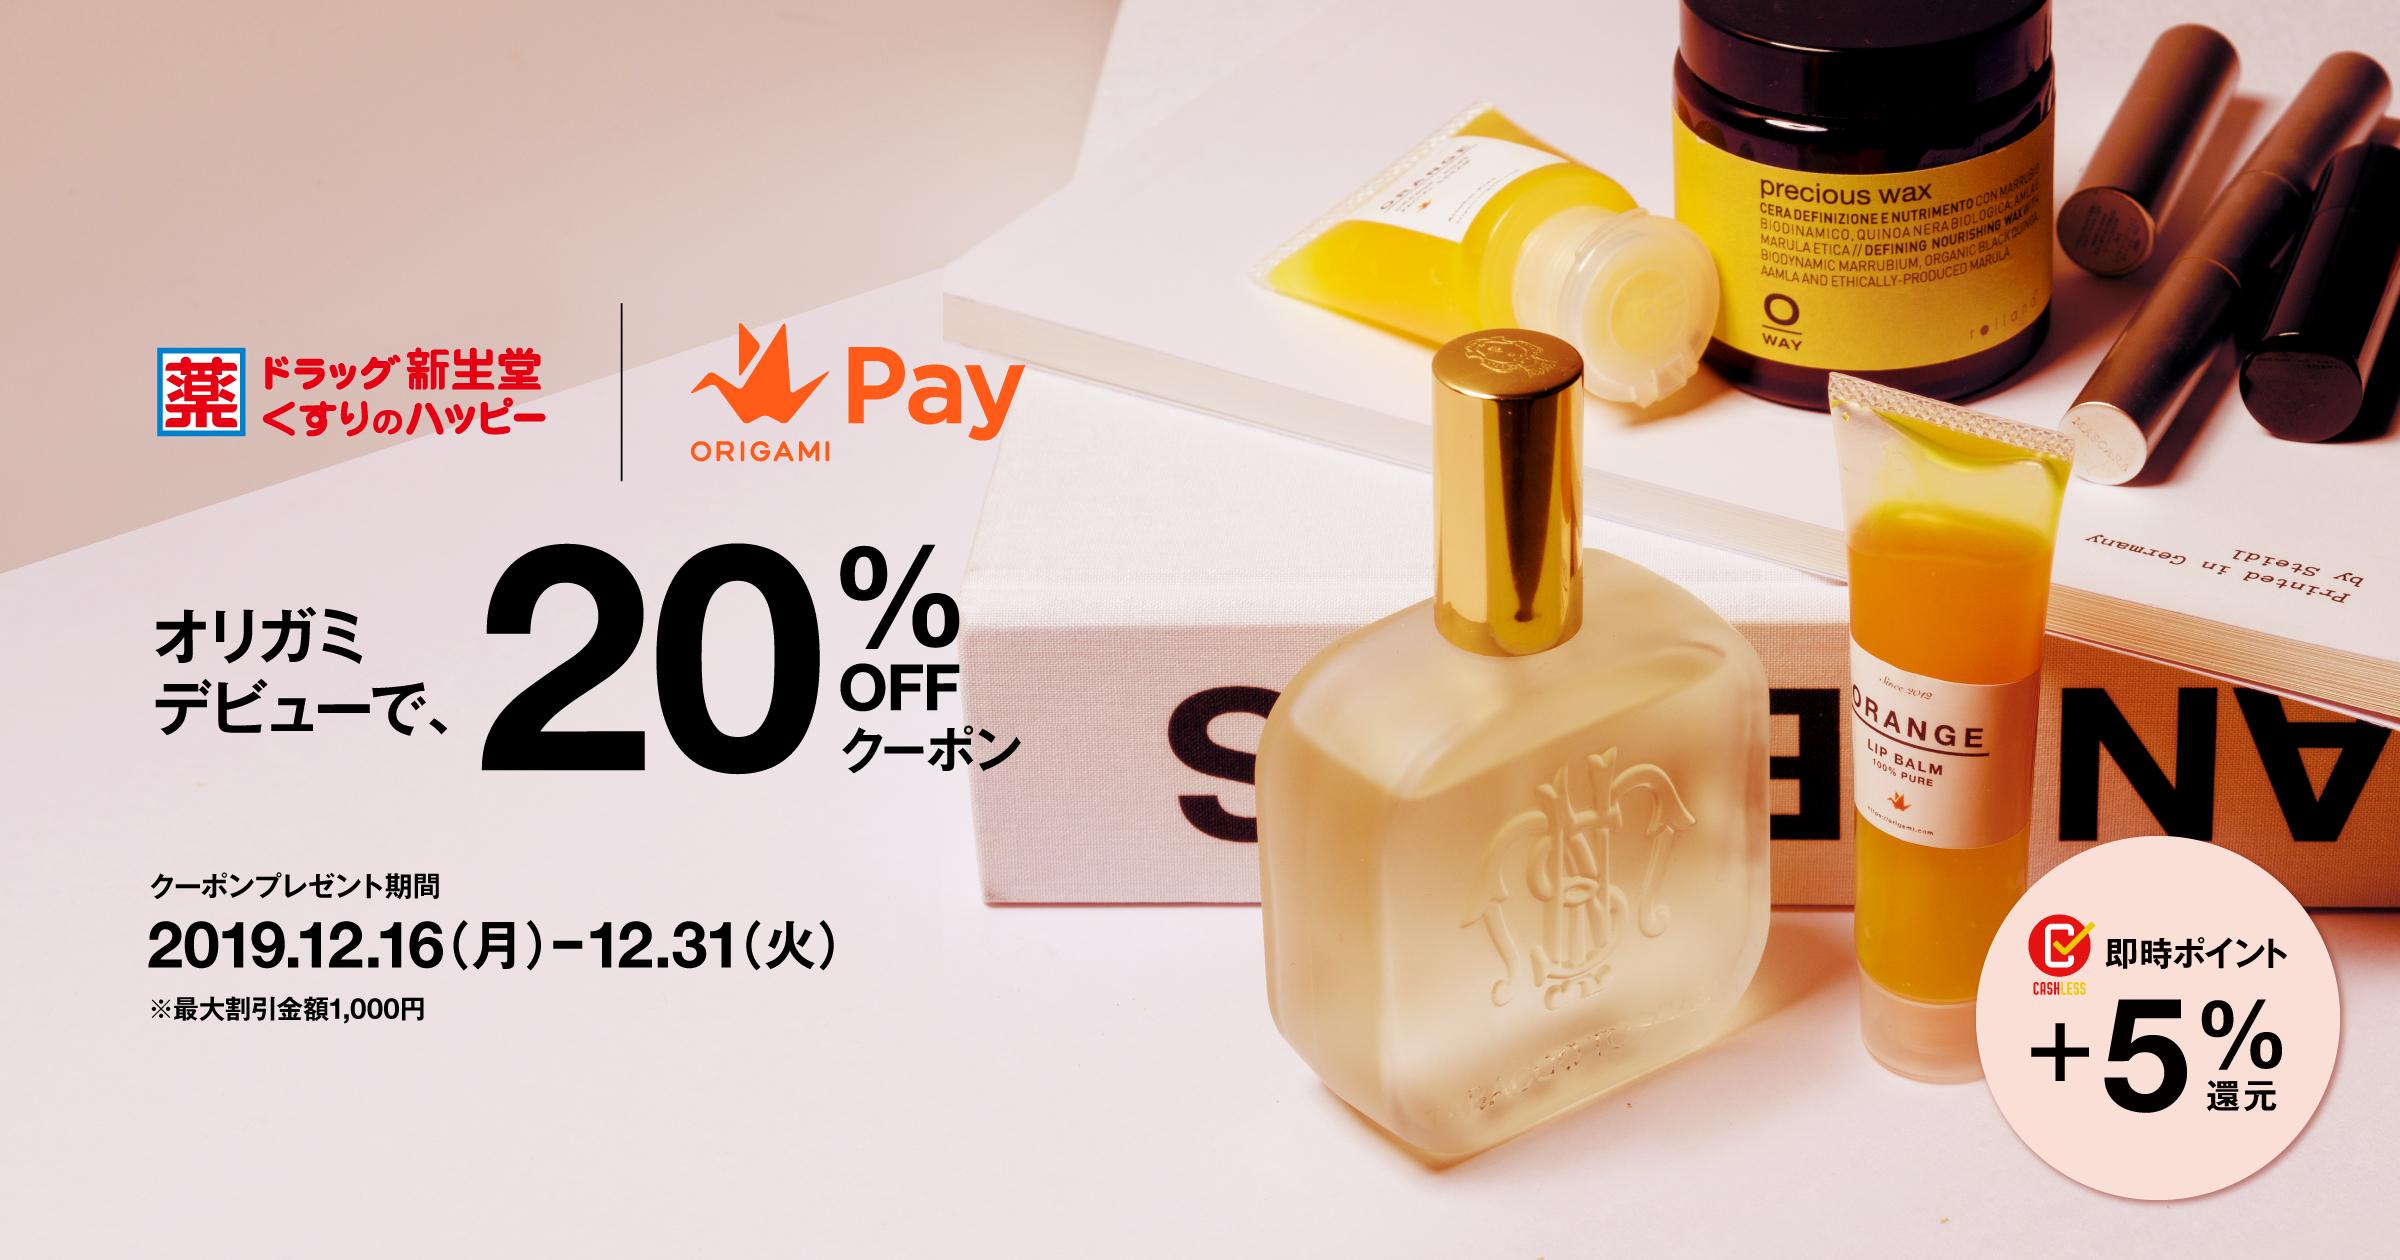 OrigamiPayでドラッグ新生堂/クスリのハッピーで初めて支払いすると20%OFF。1000円OFF、5000円支払いまで。~12/31。